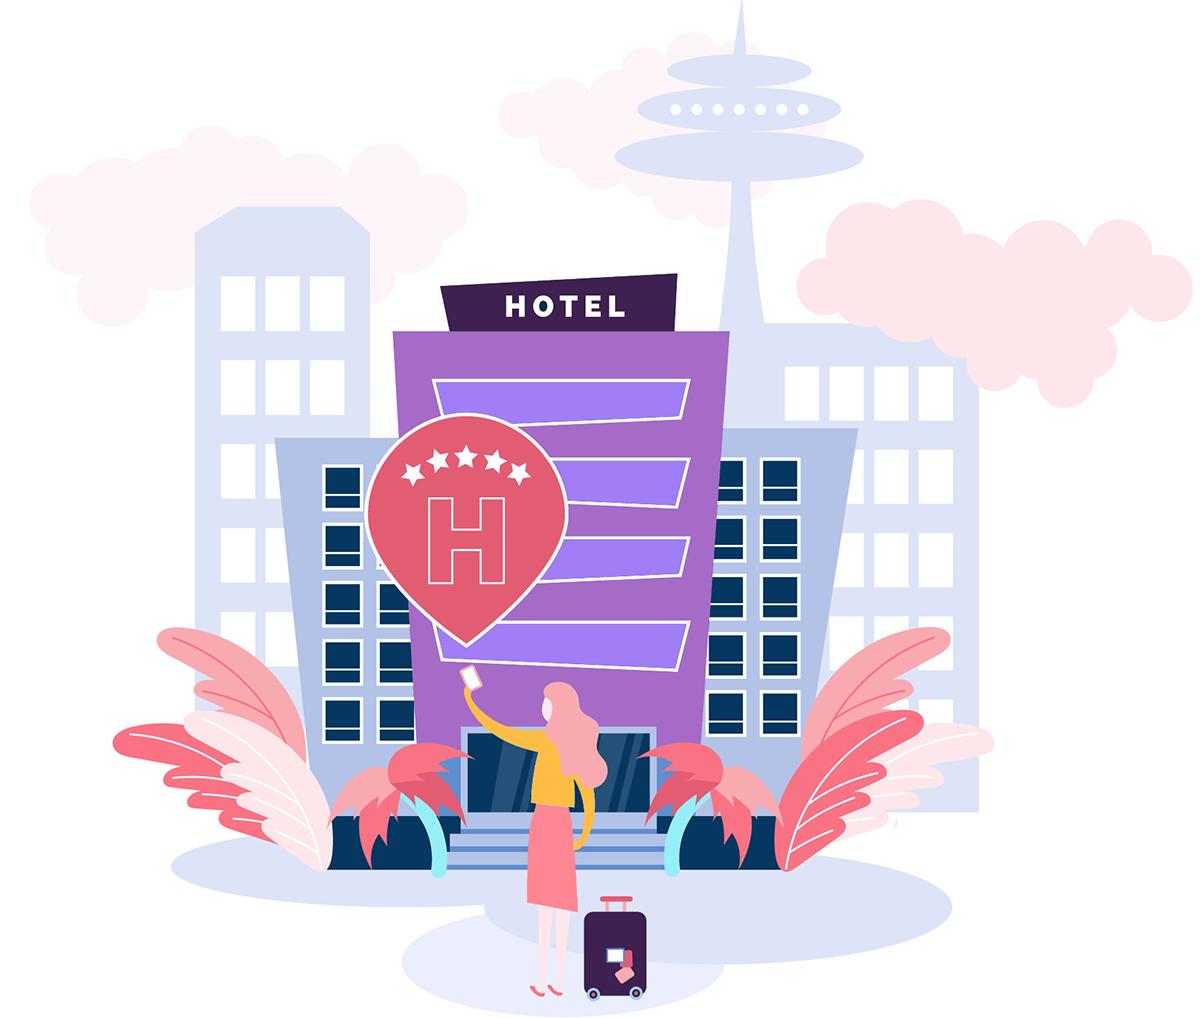 سیستم رزرواسیون آنلاین در طراحی سایت هتل